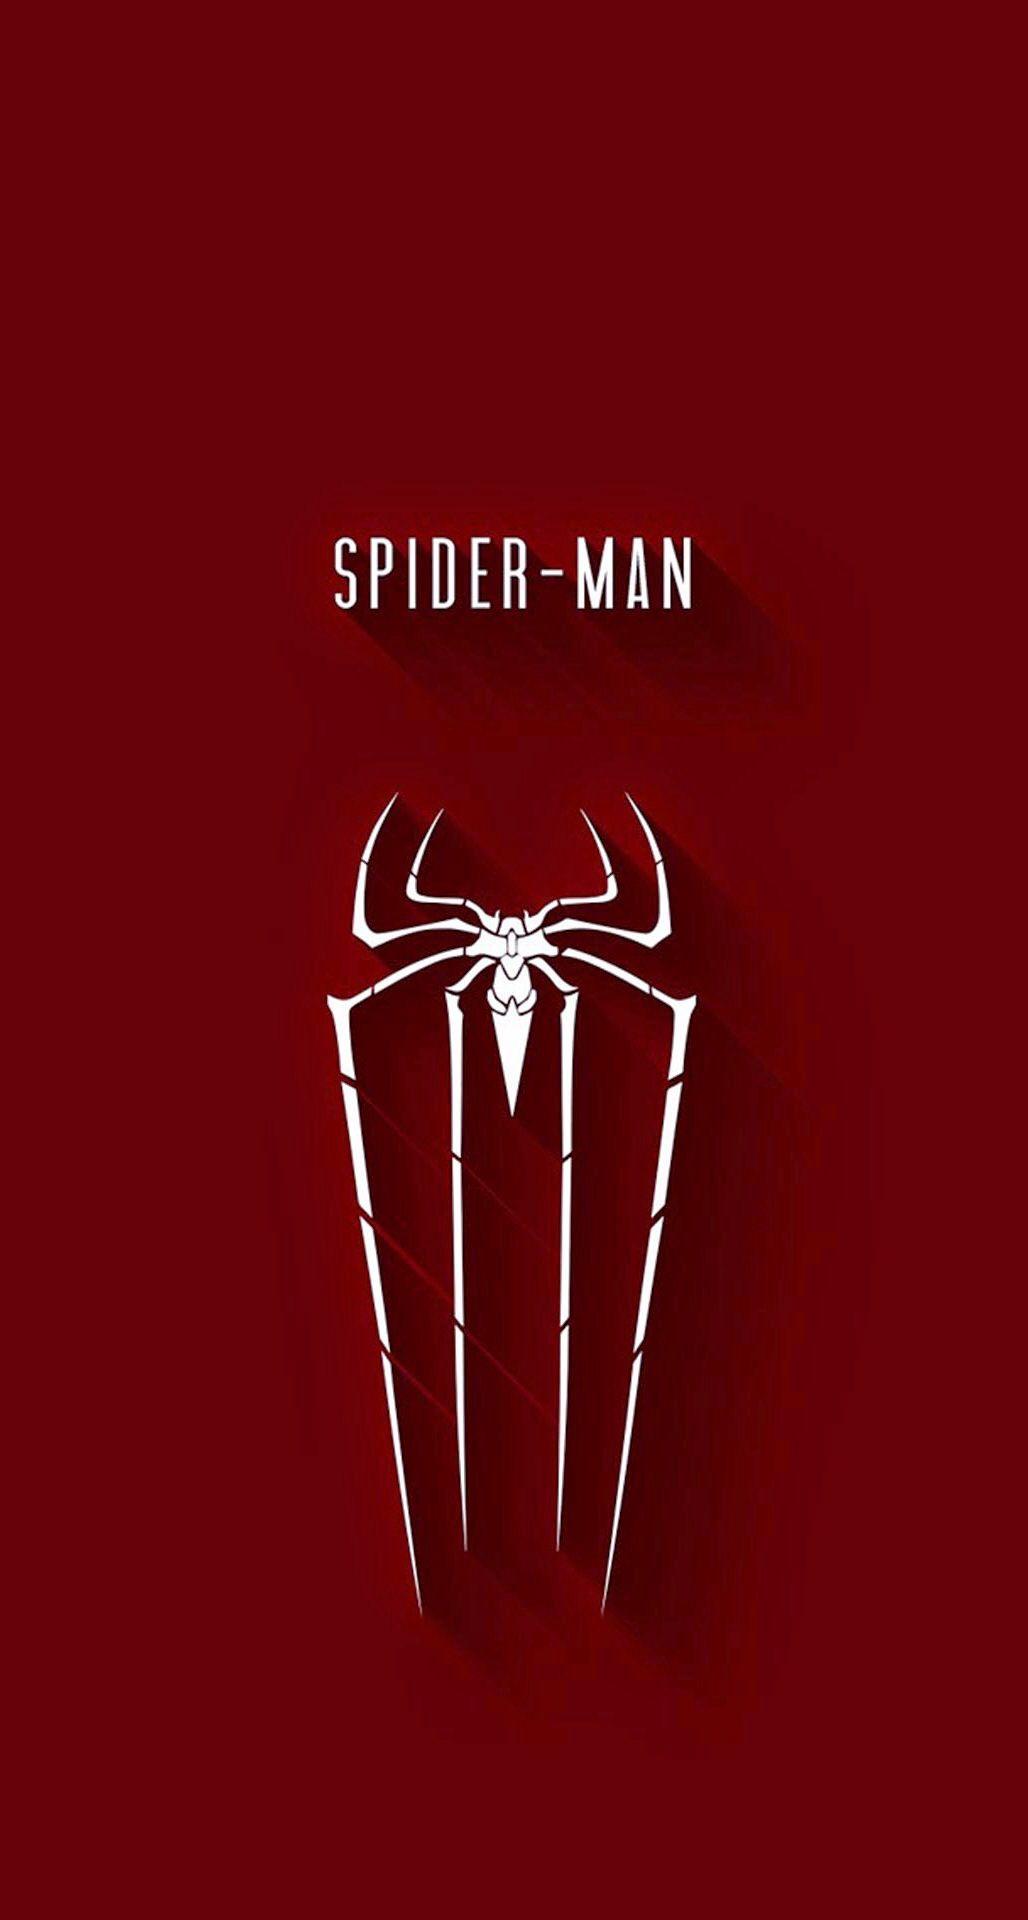 spiderman logo spidey pinterest spiderman marvel and spider